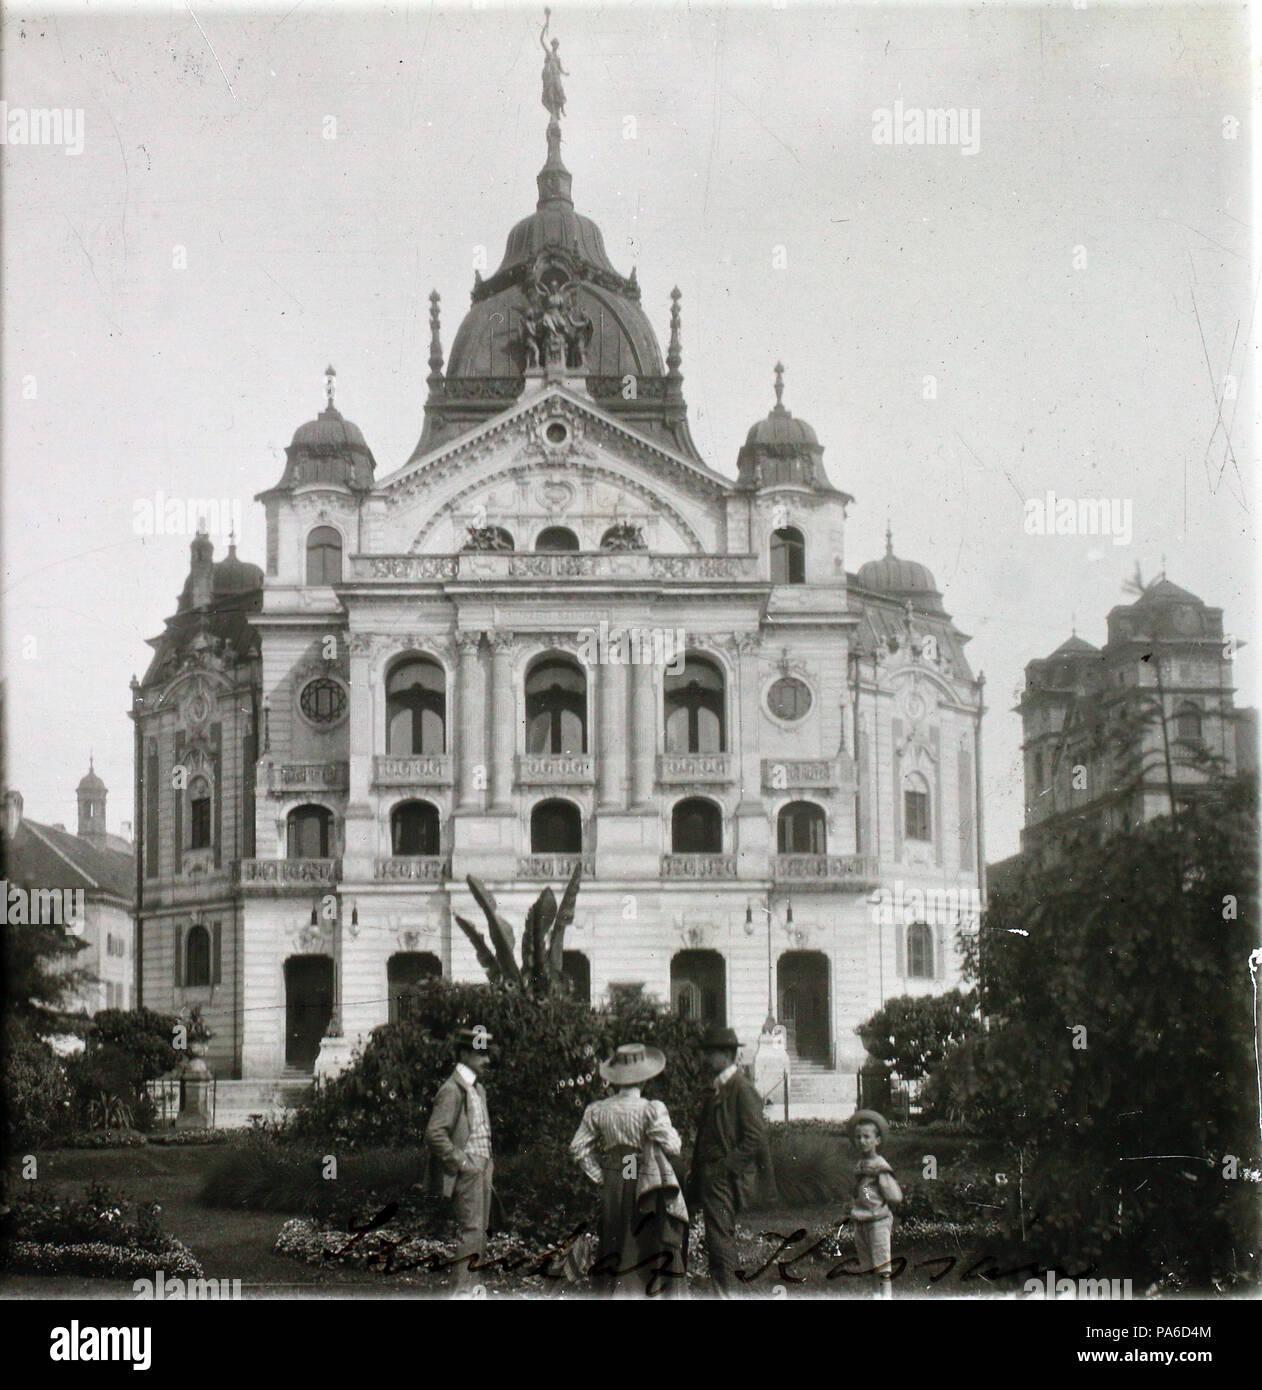 684 Fő tér (Hlavné namestie), szemben az Állami Színház, jobbra a Szentháromság-templom. Fortepan 101124 - Stock Image